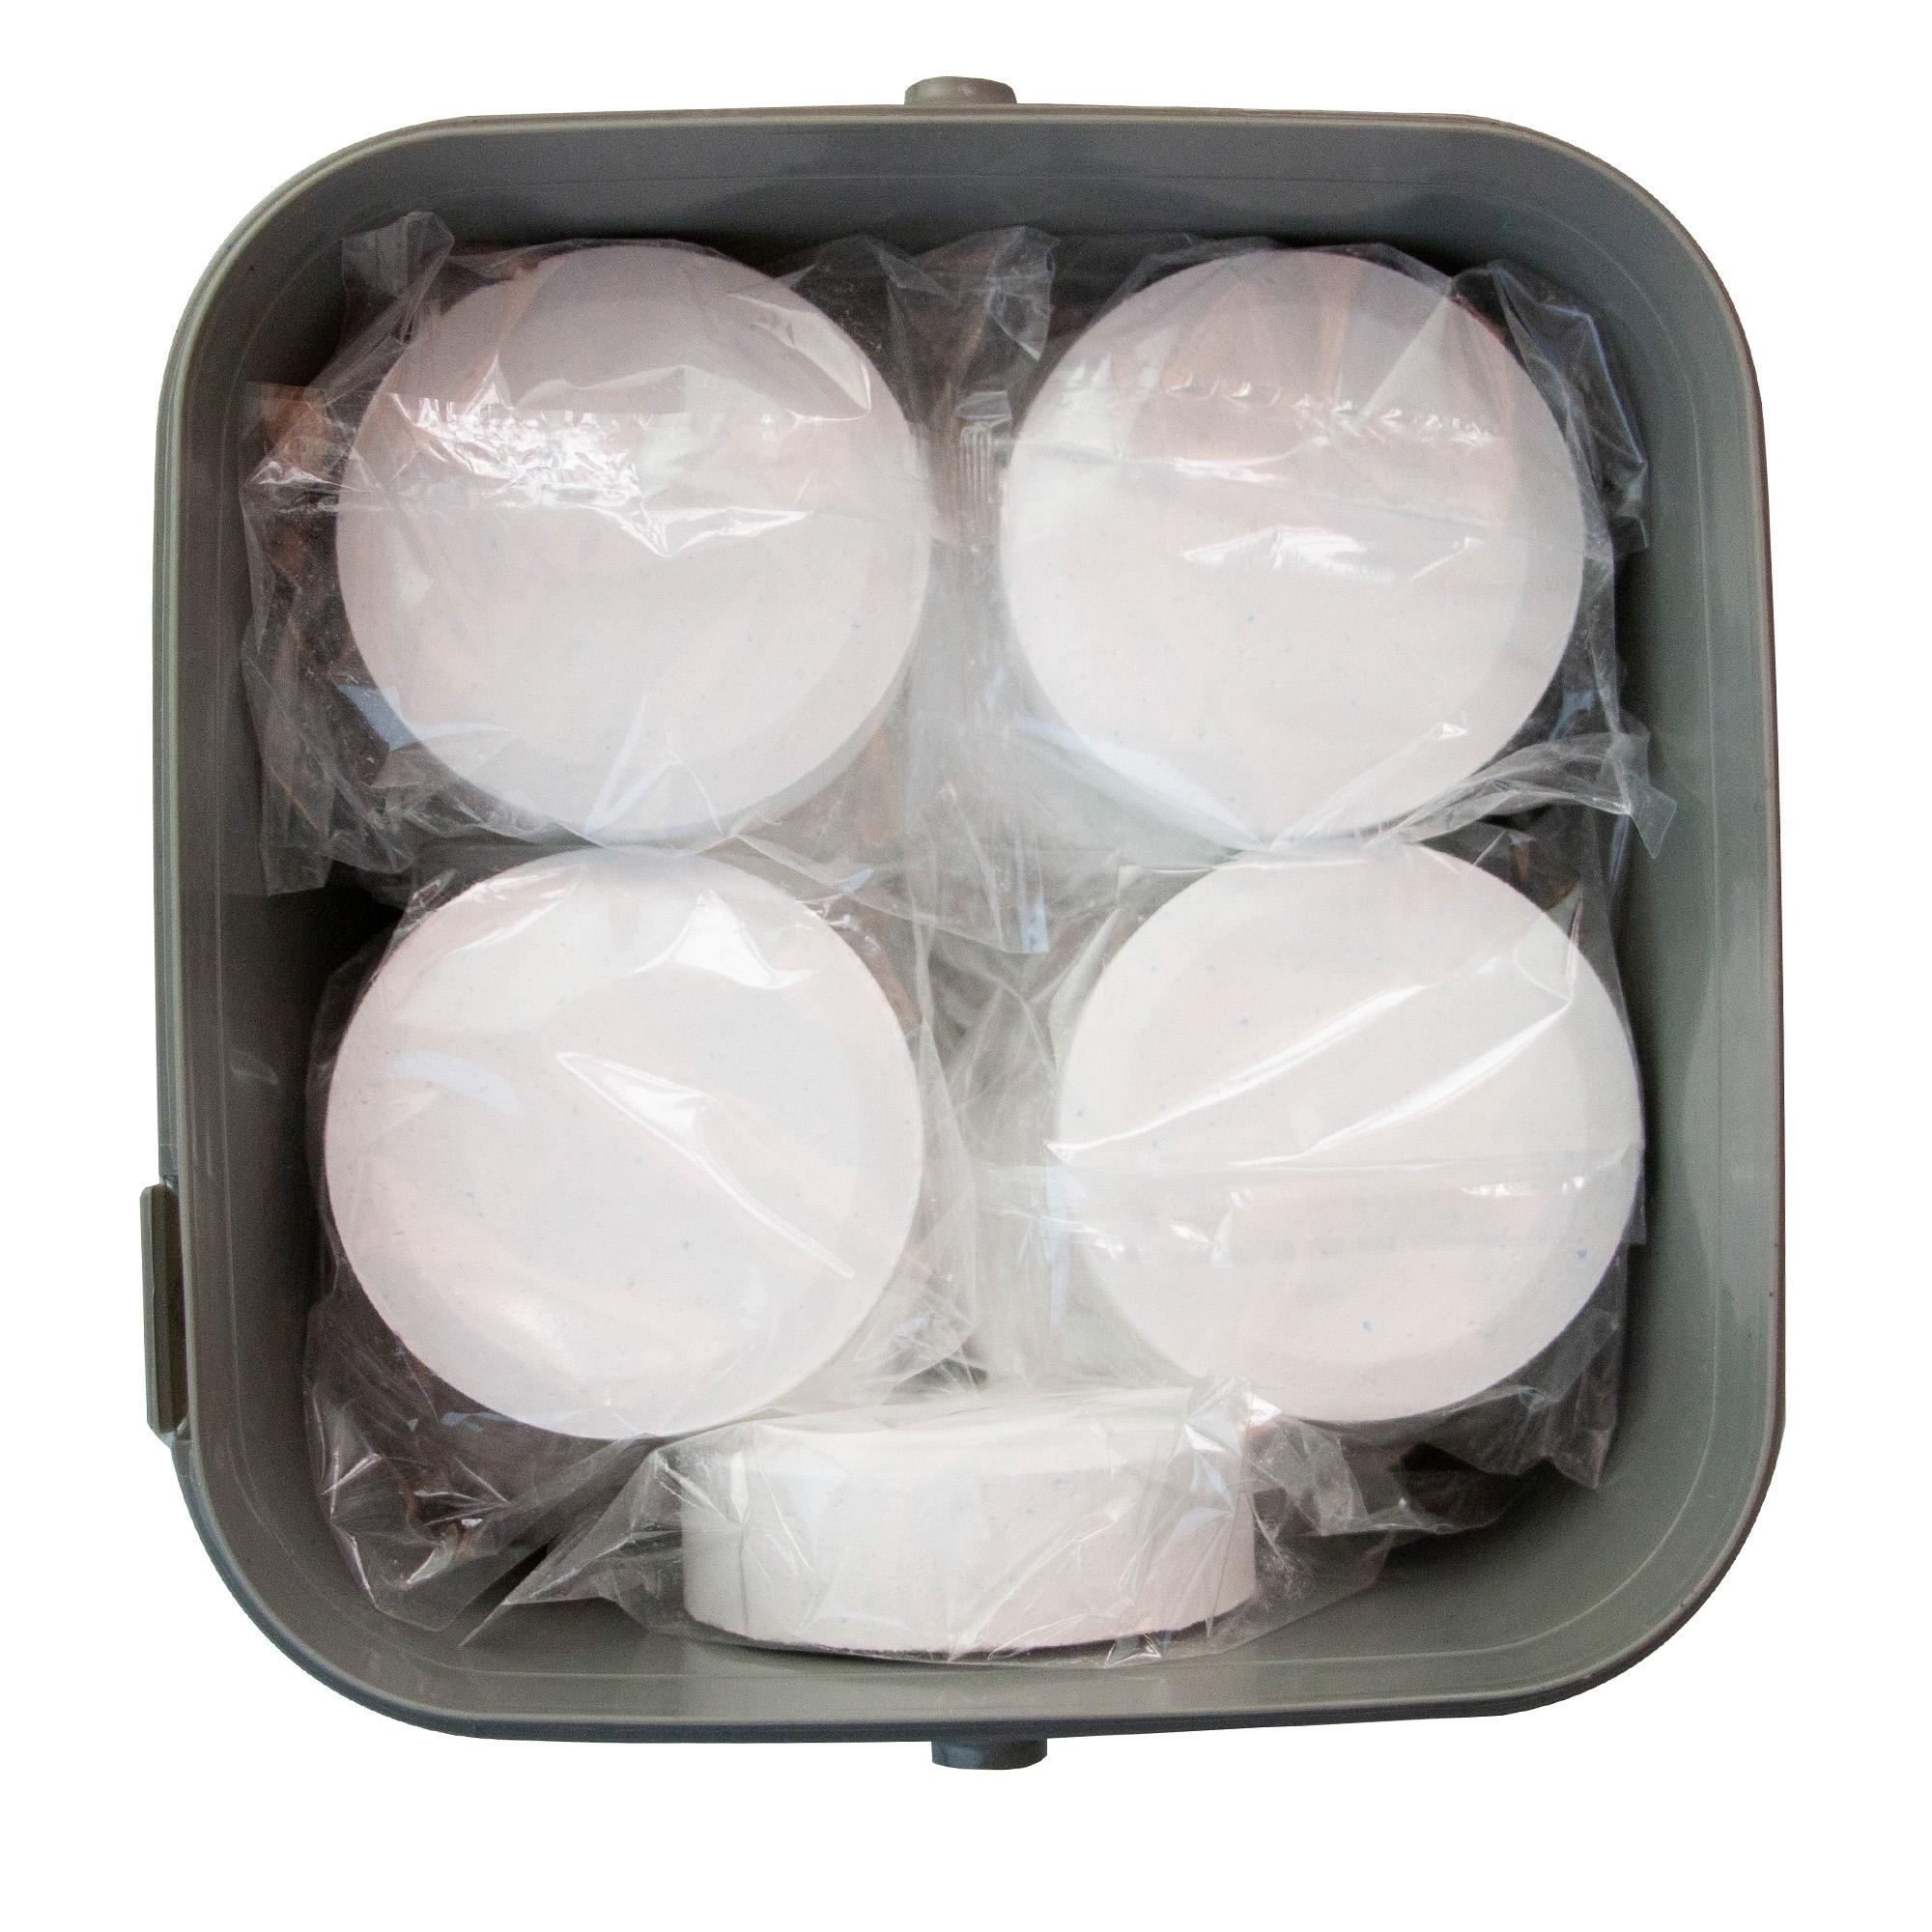 PLANET POOL Langzeit-Multifunktions-Tabletten 200 g, 5 kg